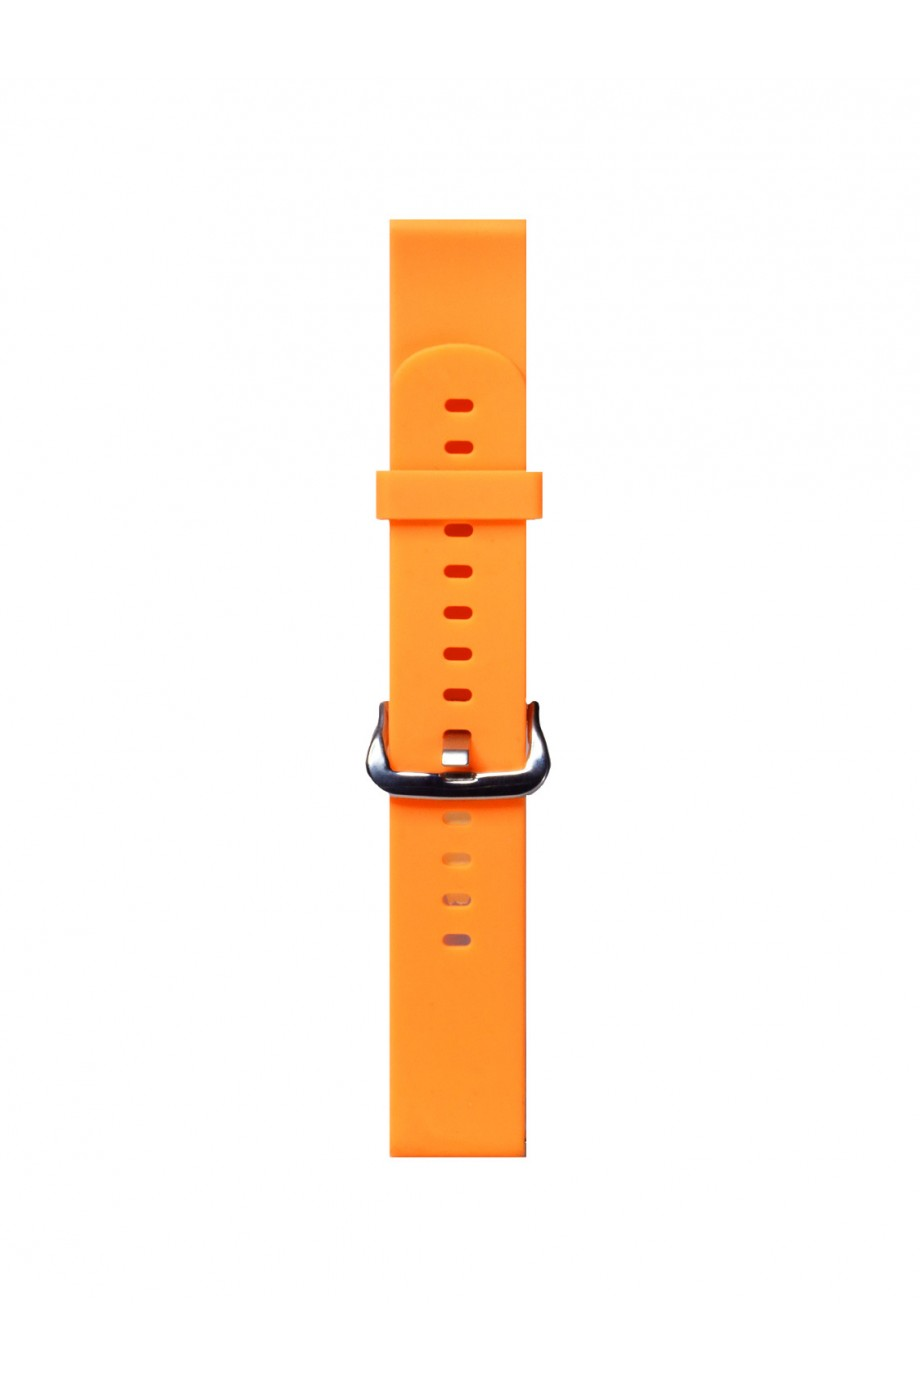 Силиконовый ремешок для Amazfit Bip, 20 мм, застежка пряжка, оранжевый неон, mkx063